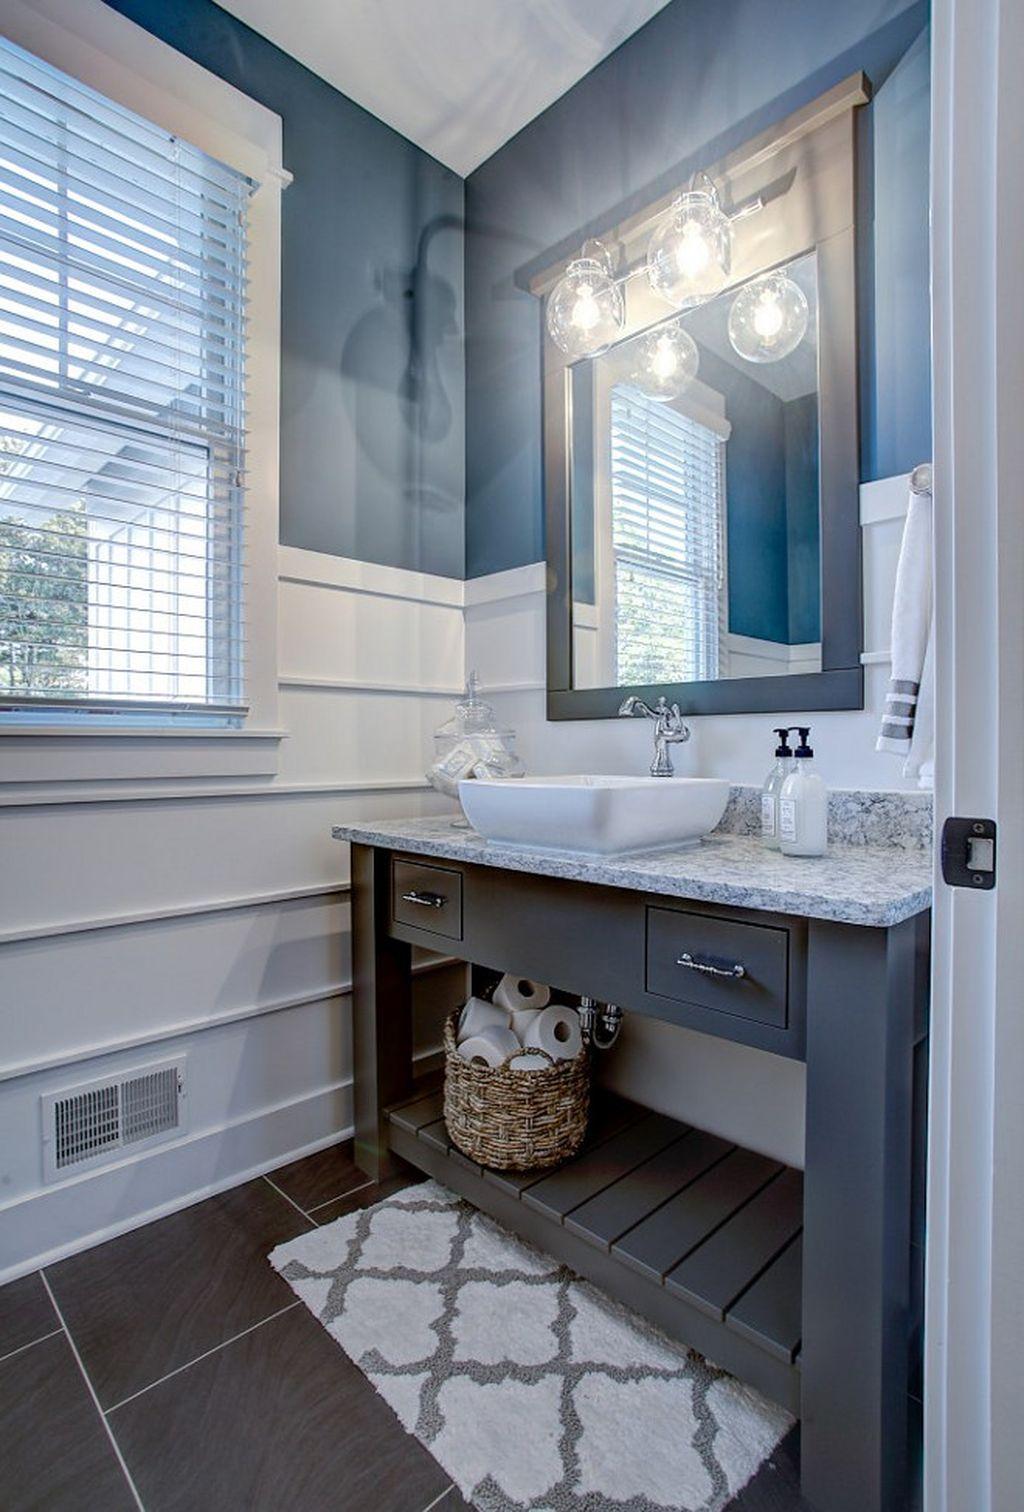 Inspiring Rustic Bathroom Vanity Remodel Ideas 09